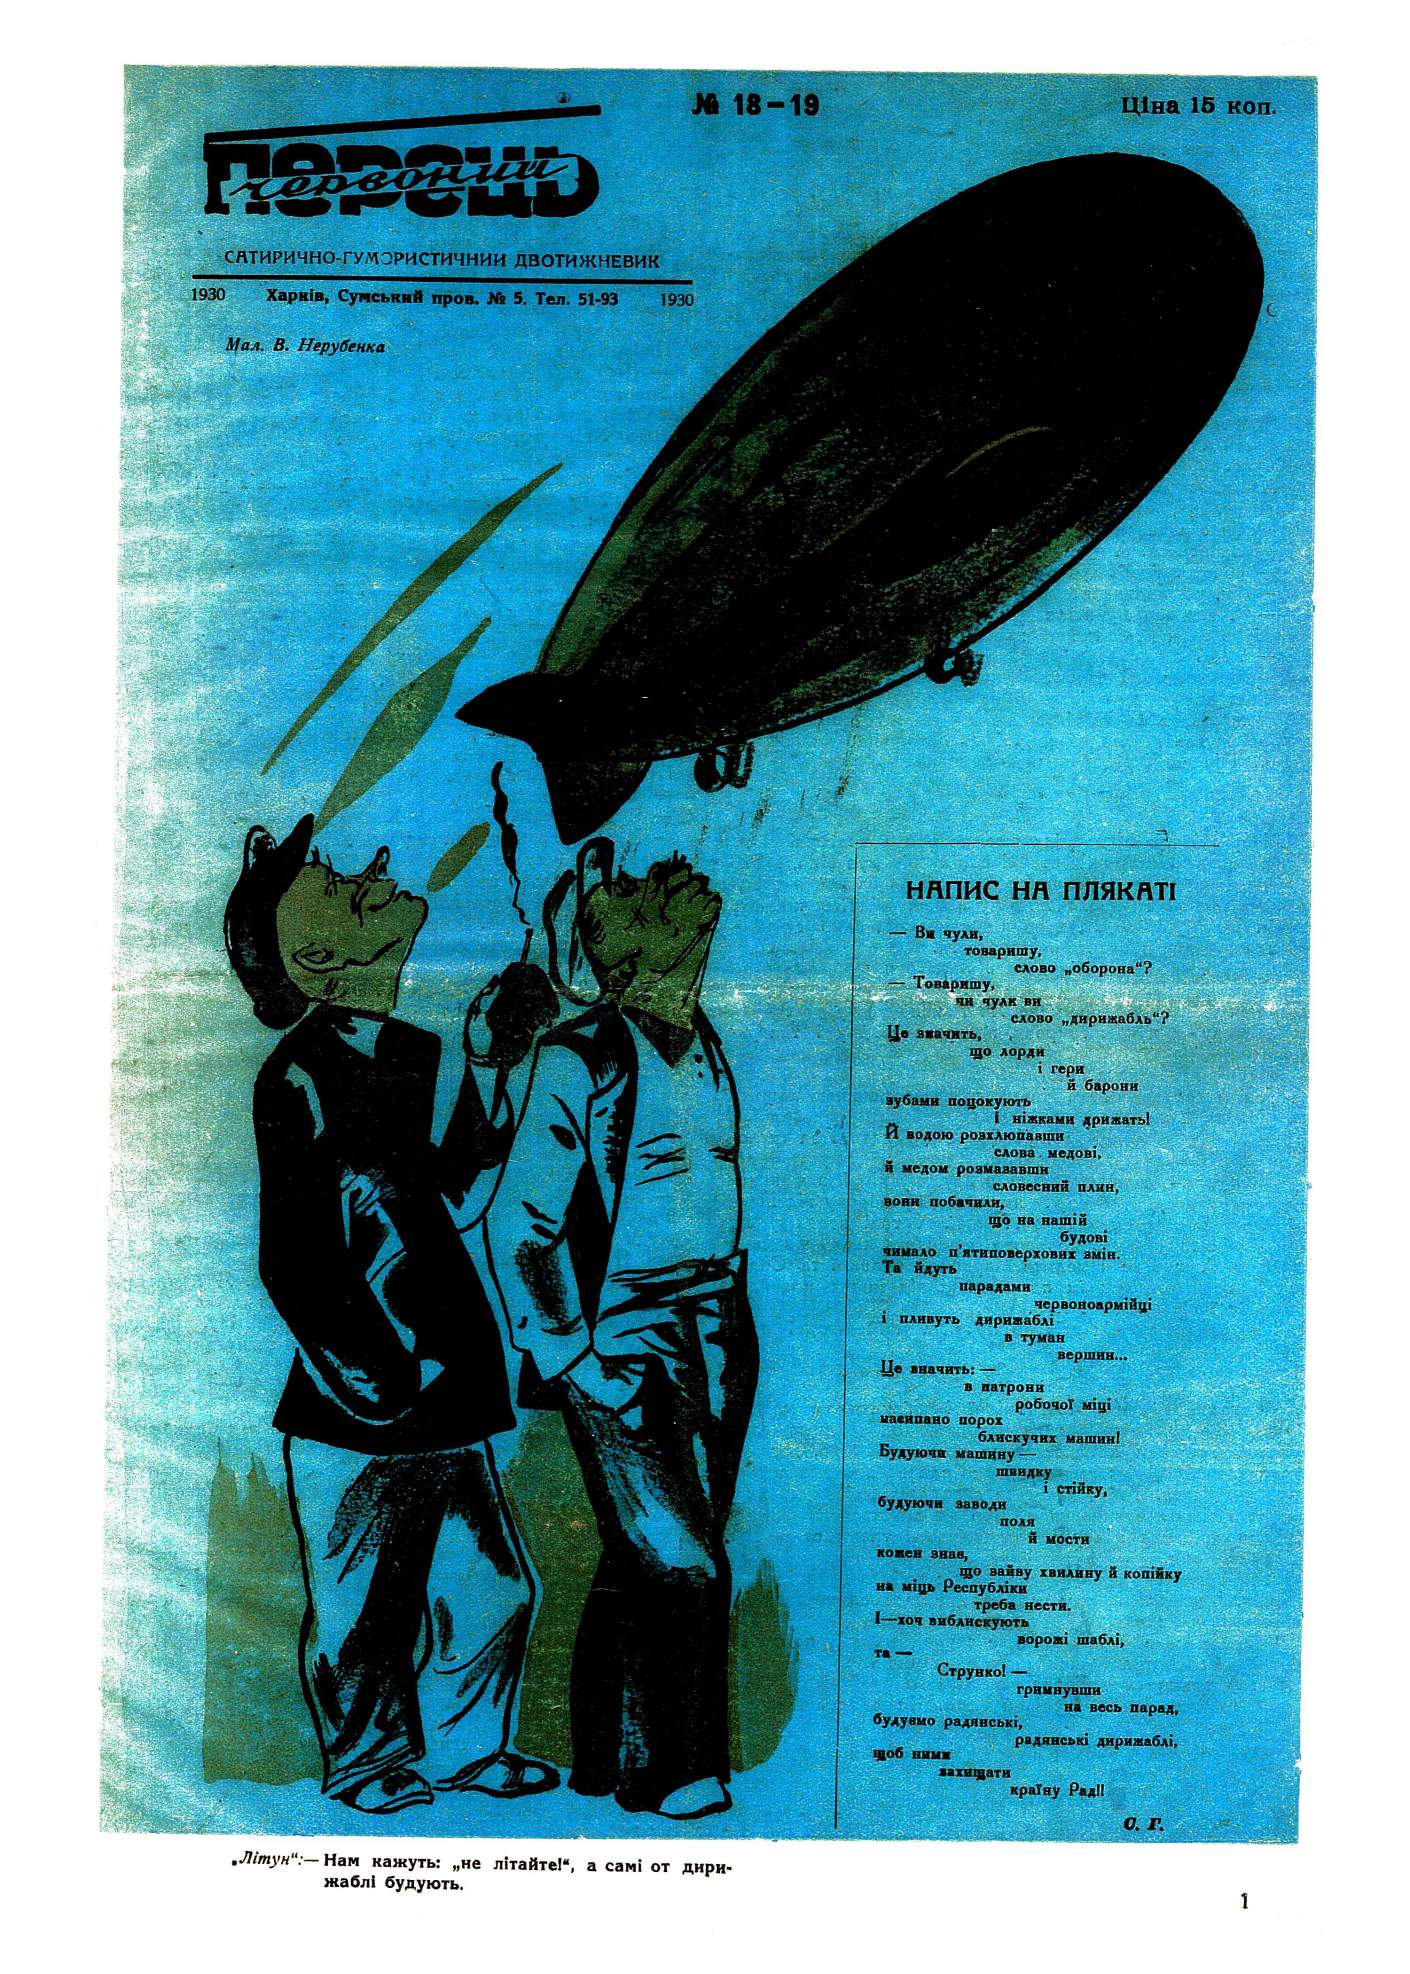 Журнал перець 1930 №18-19